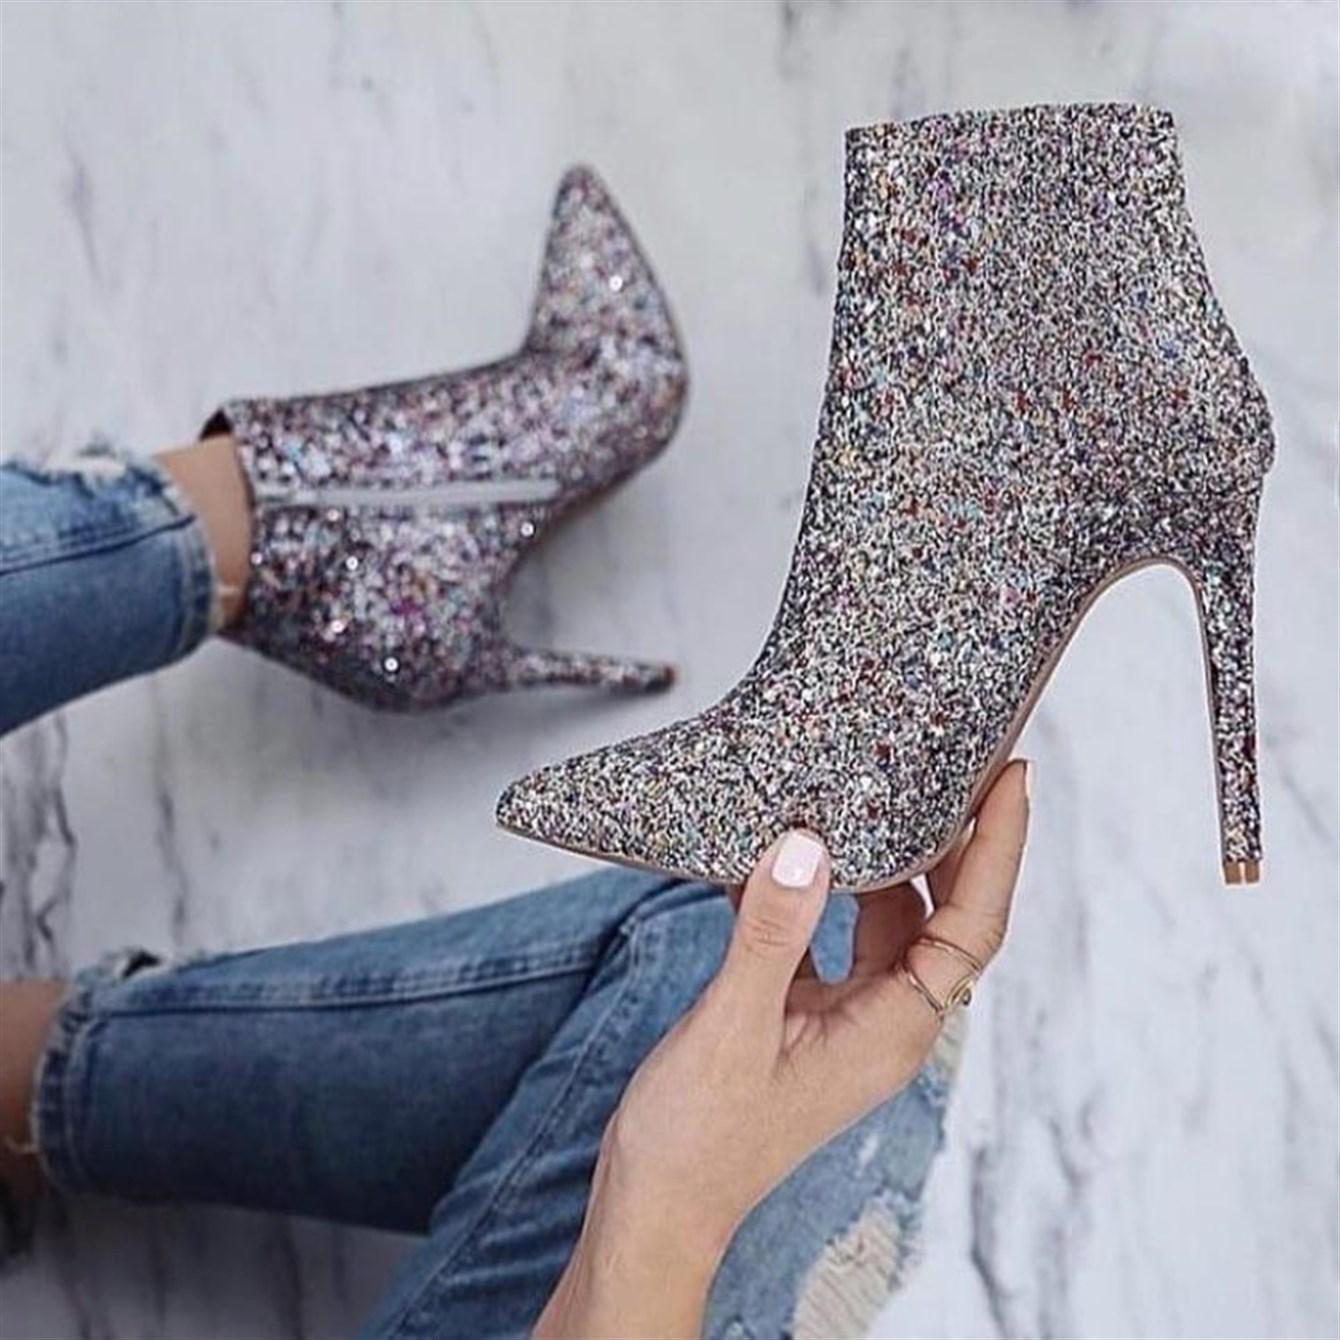 محبوب ترین مدل های کفش پاشنه بلند